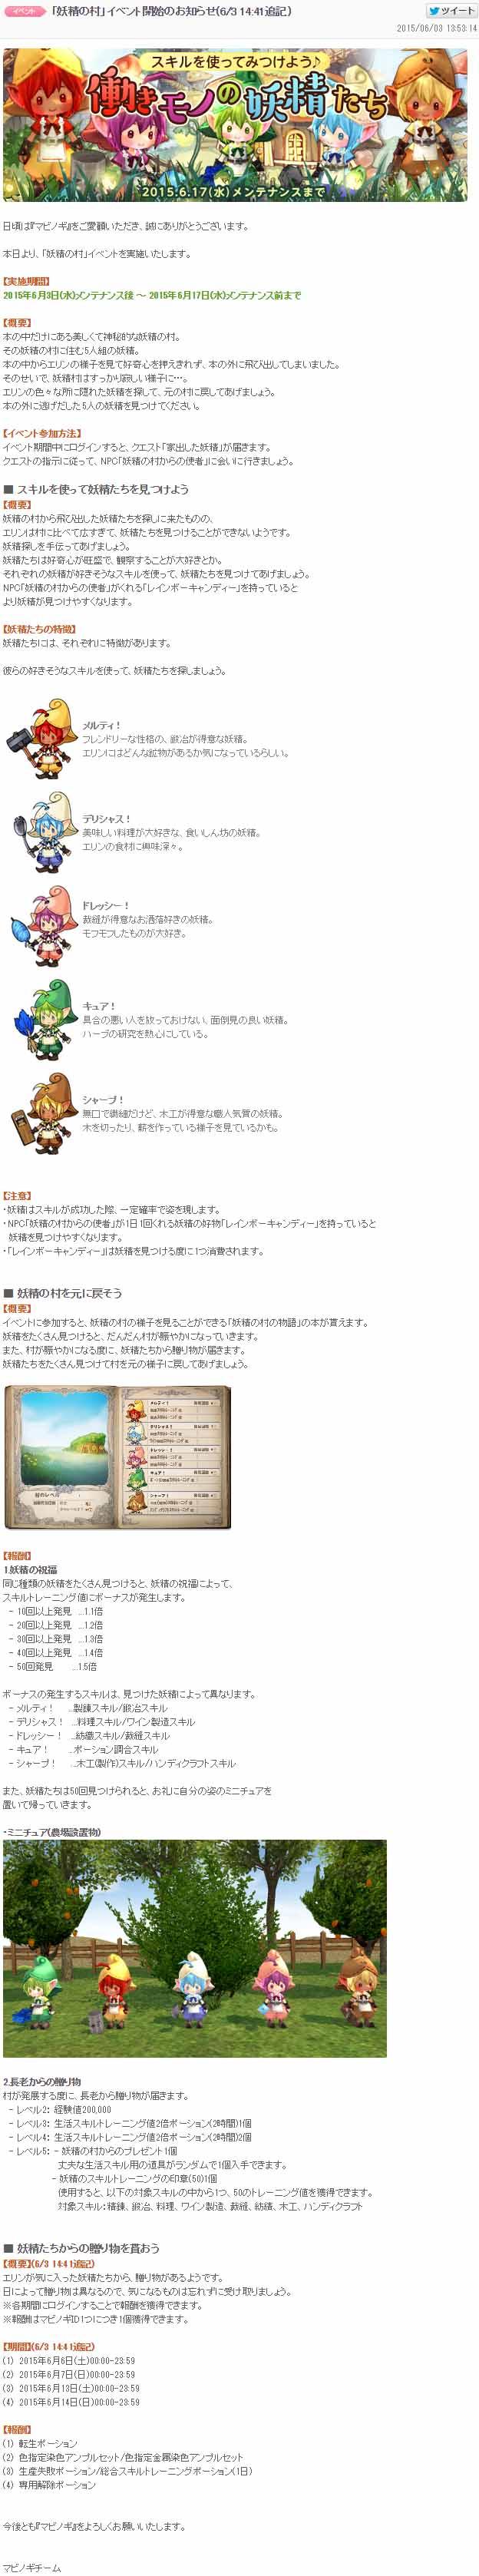 妖精の村イベント開始のお知らせ